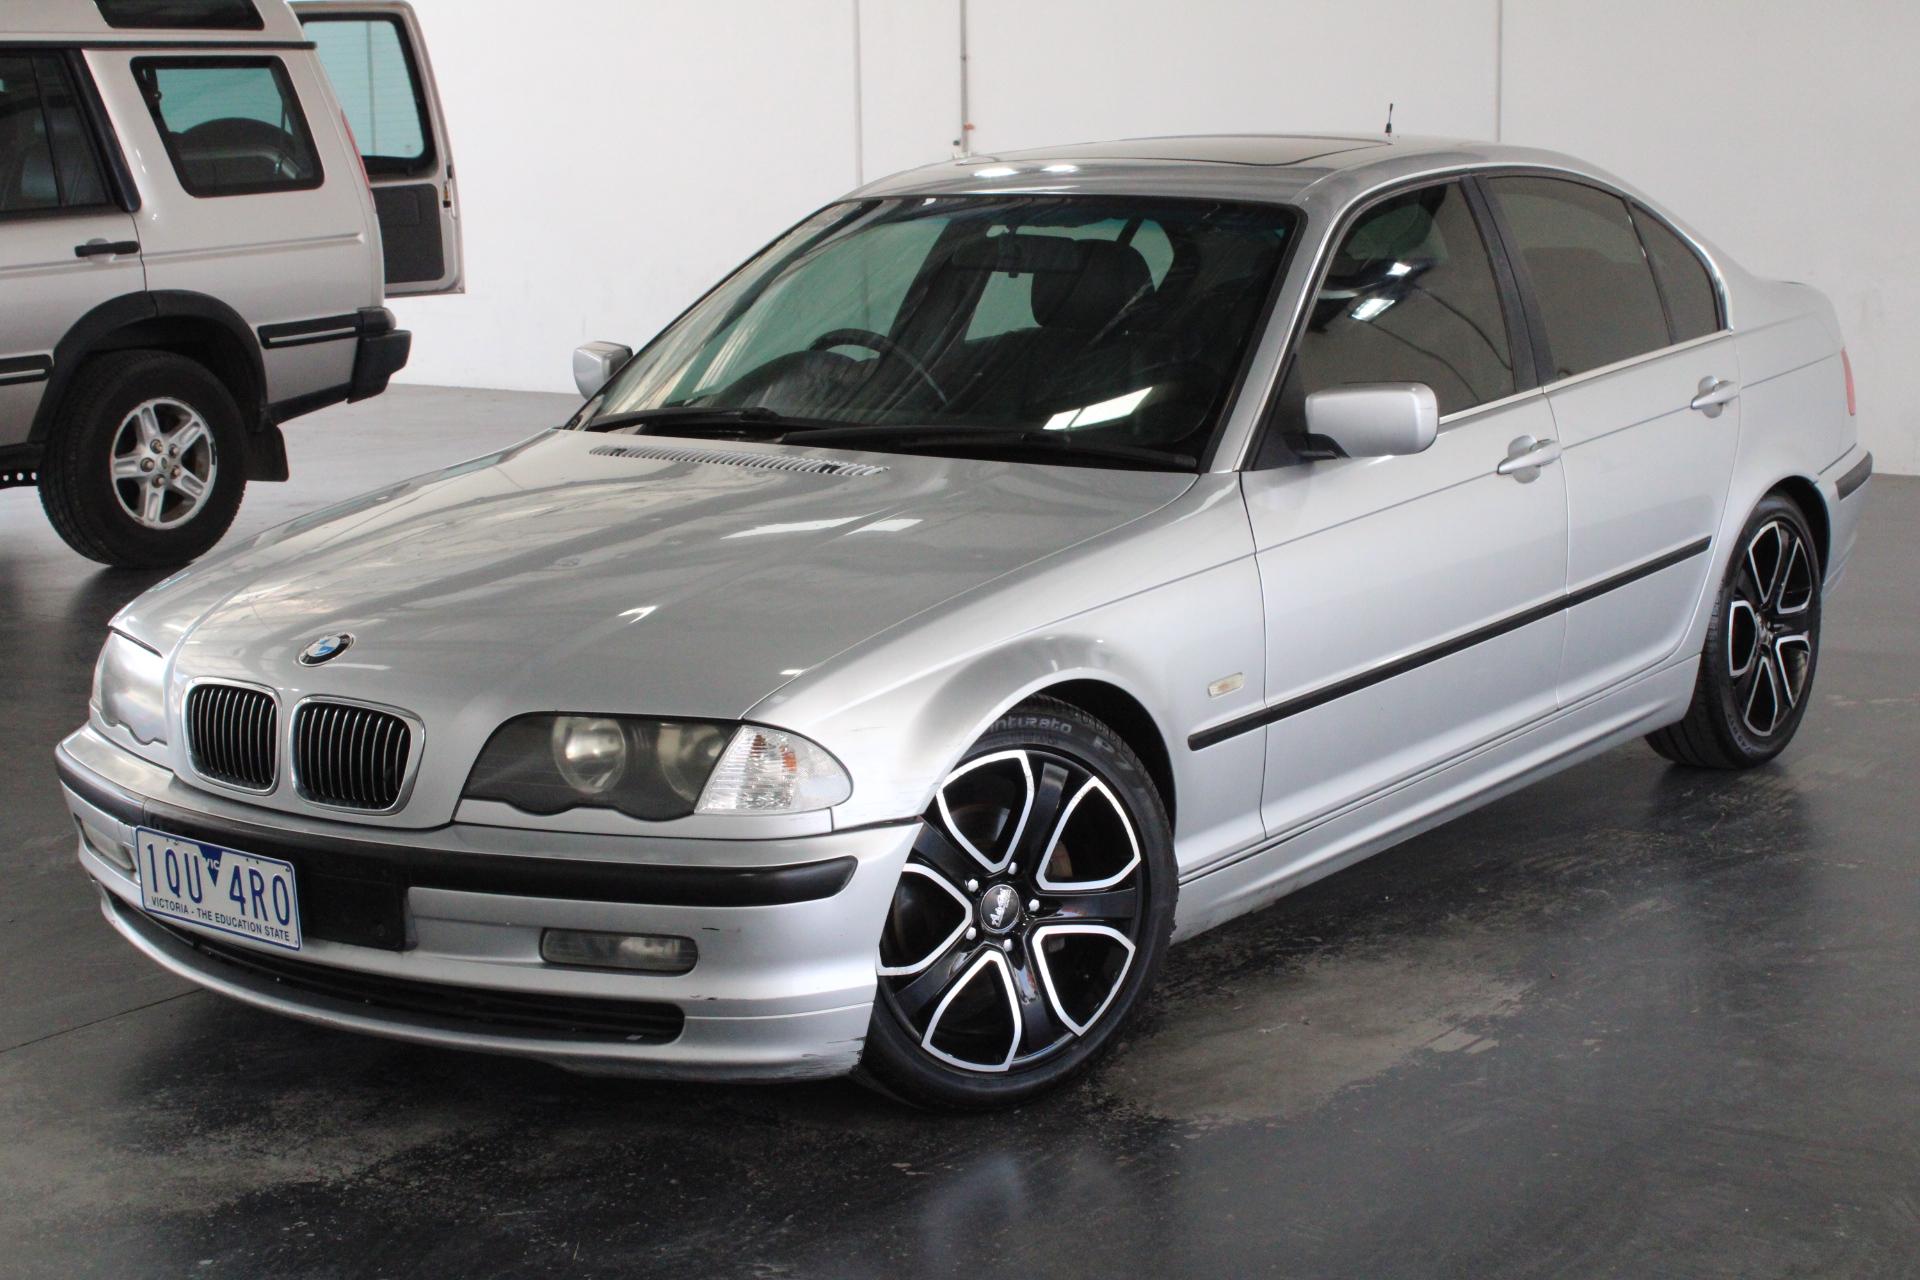 2000 BMW 3 23i E46 Automatic Sedan